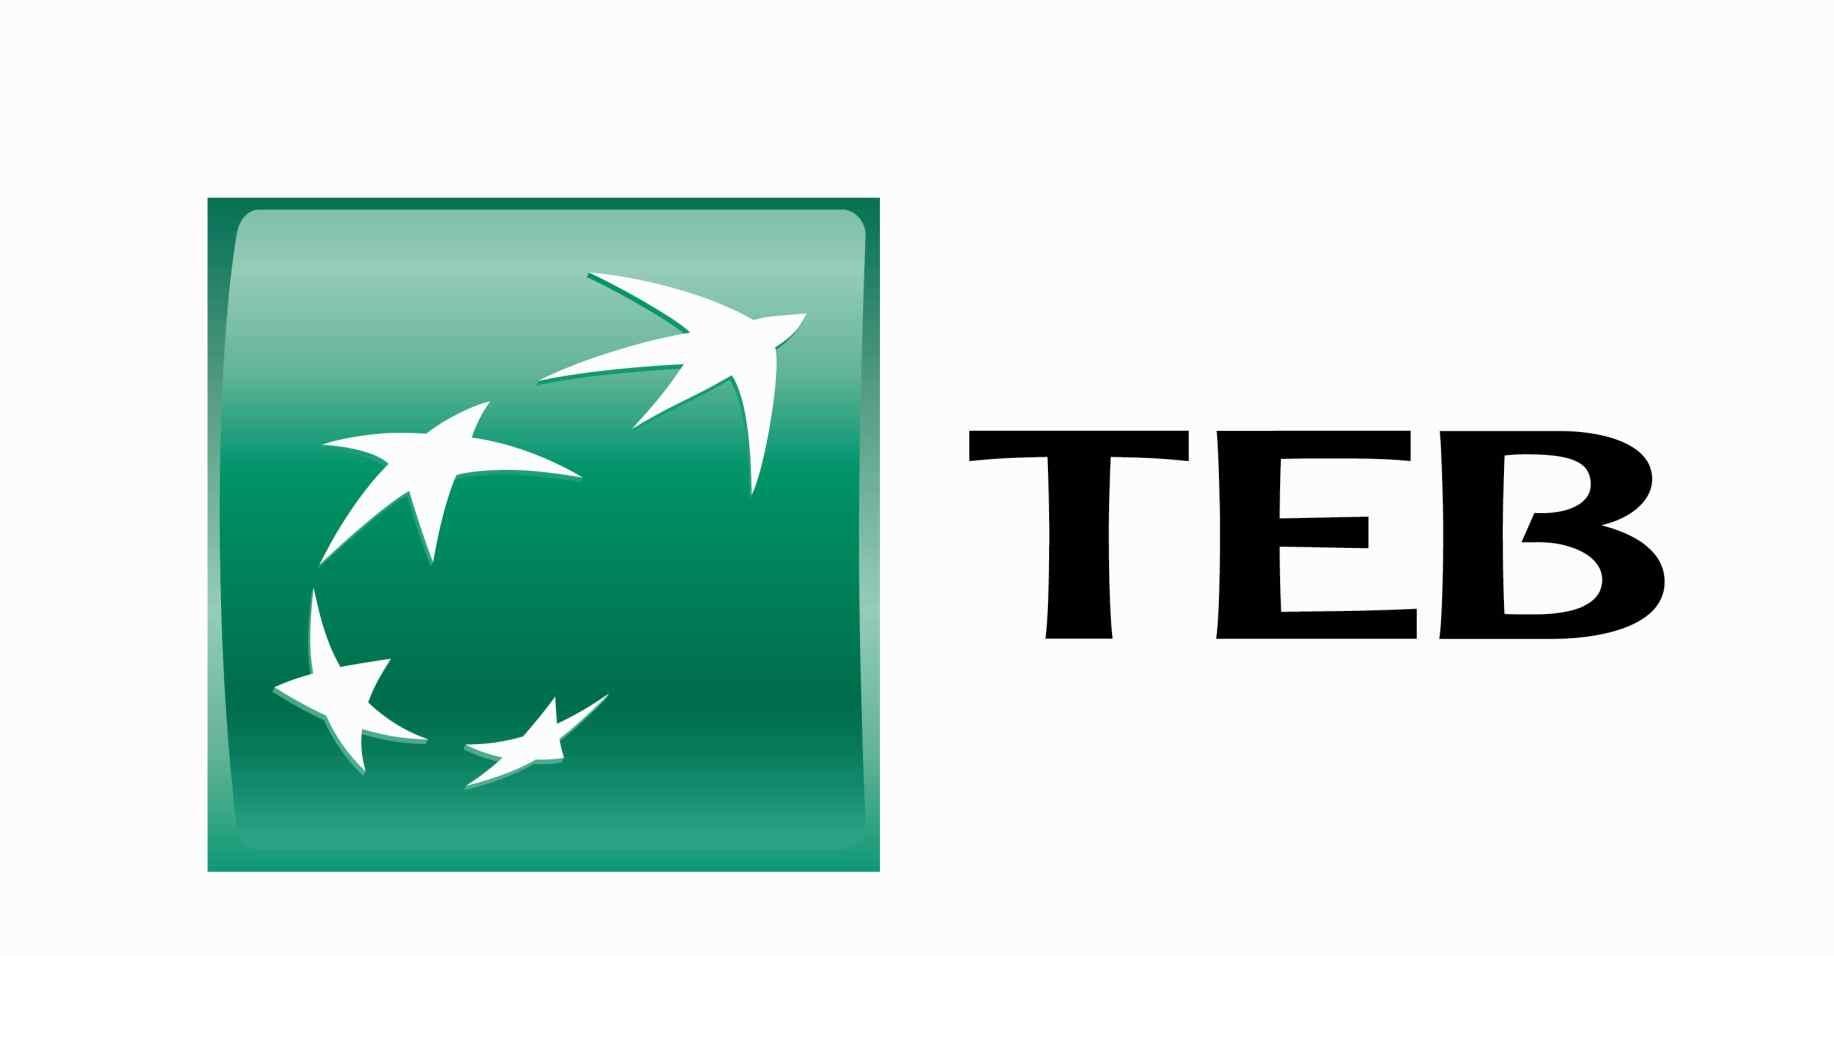 TEB Sms ile Kredi Kartı Şifre nasıl alınır?